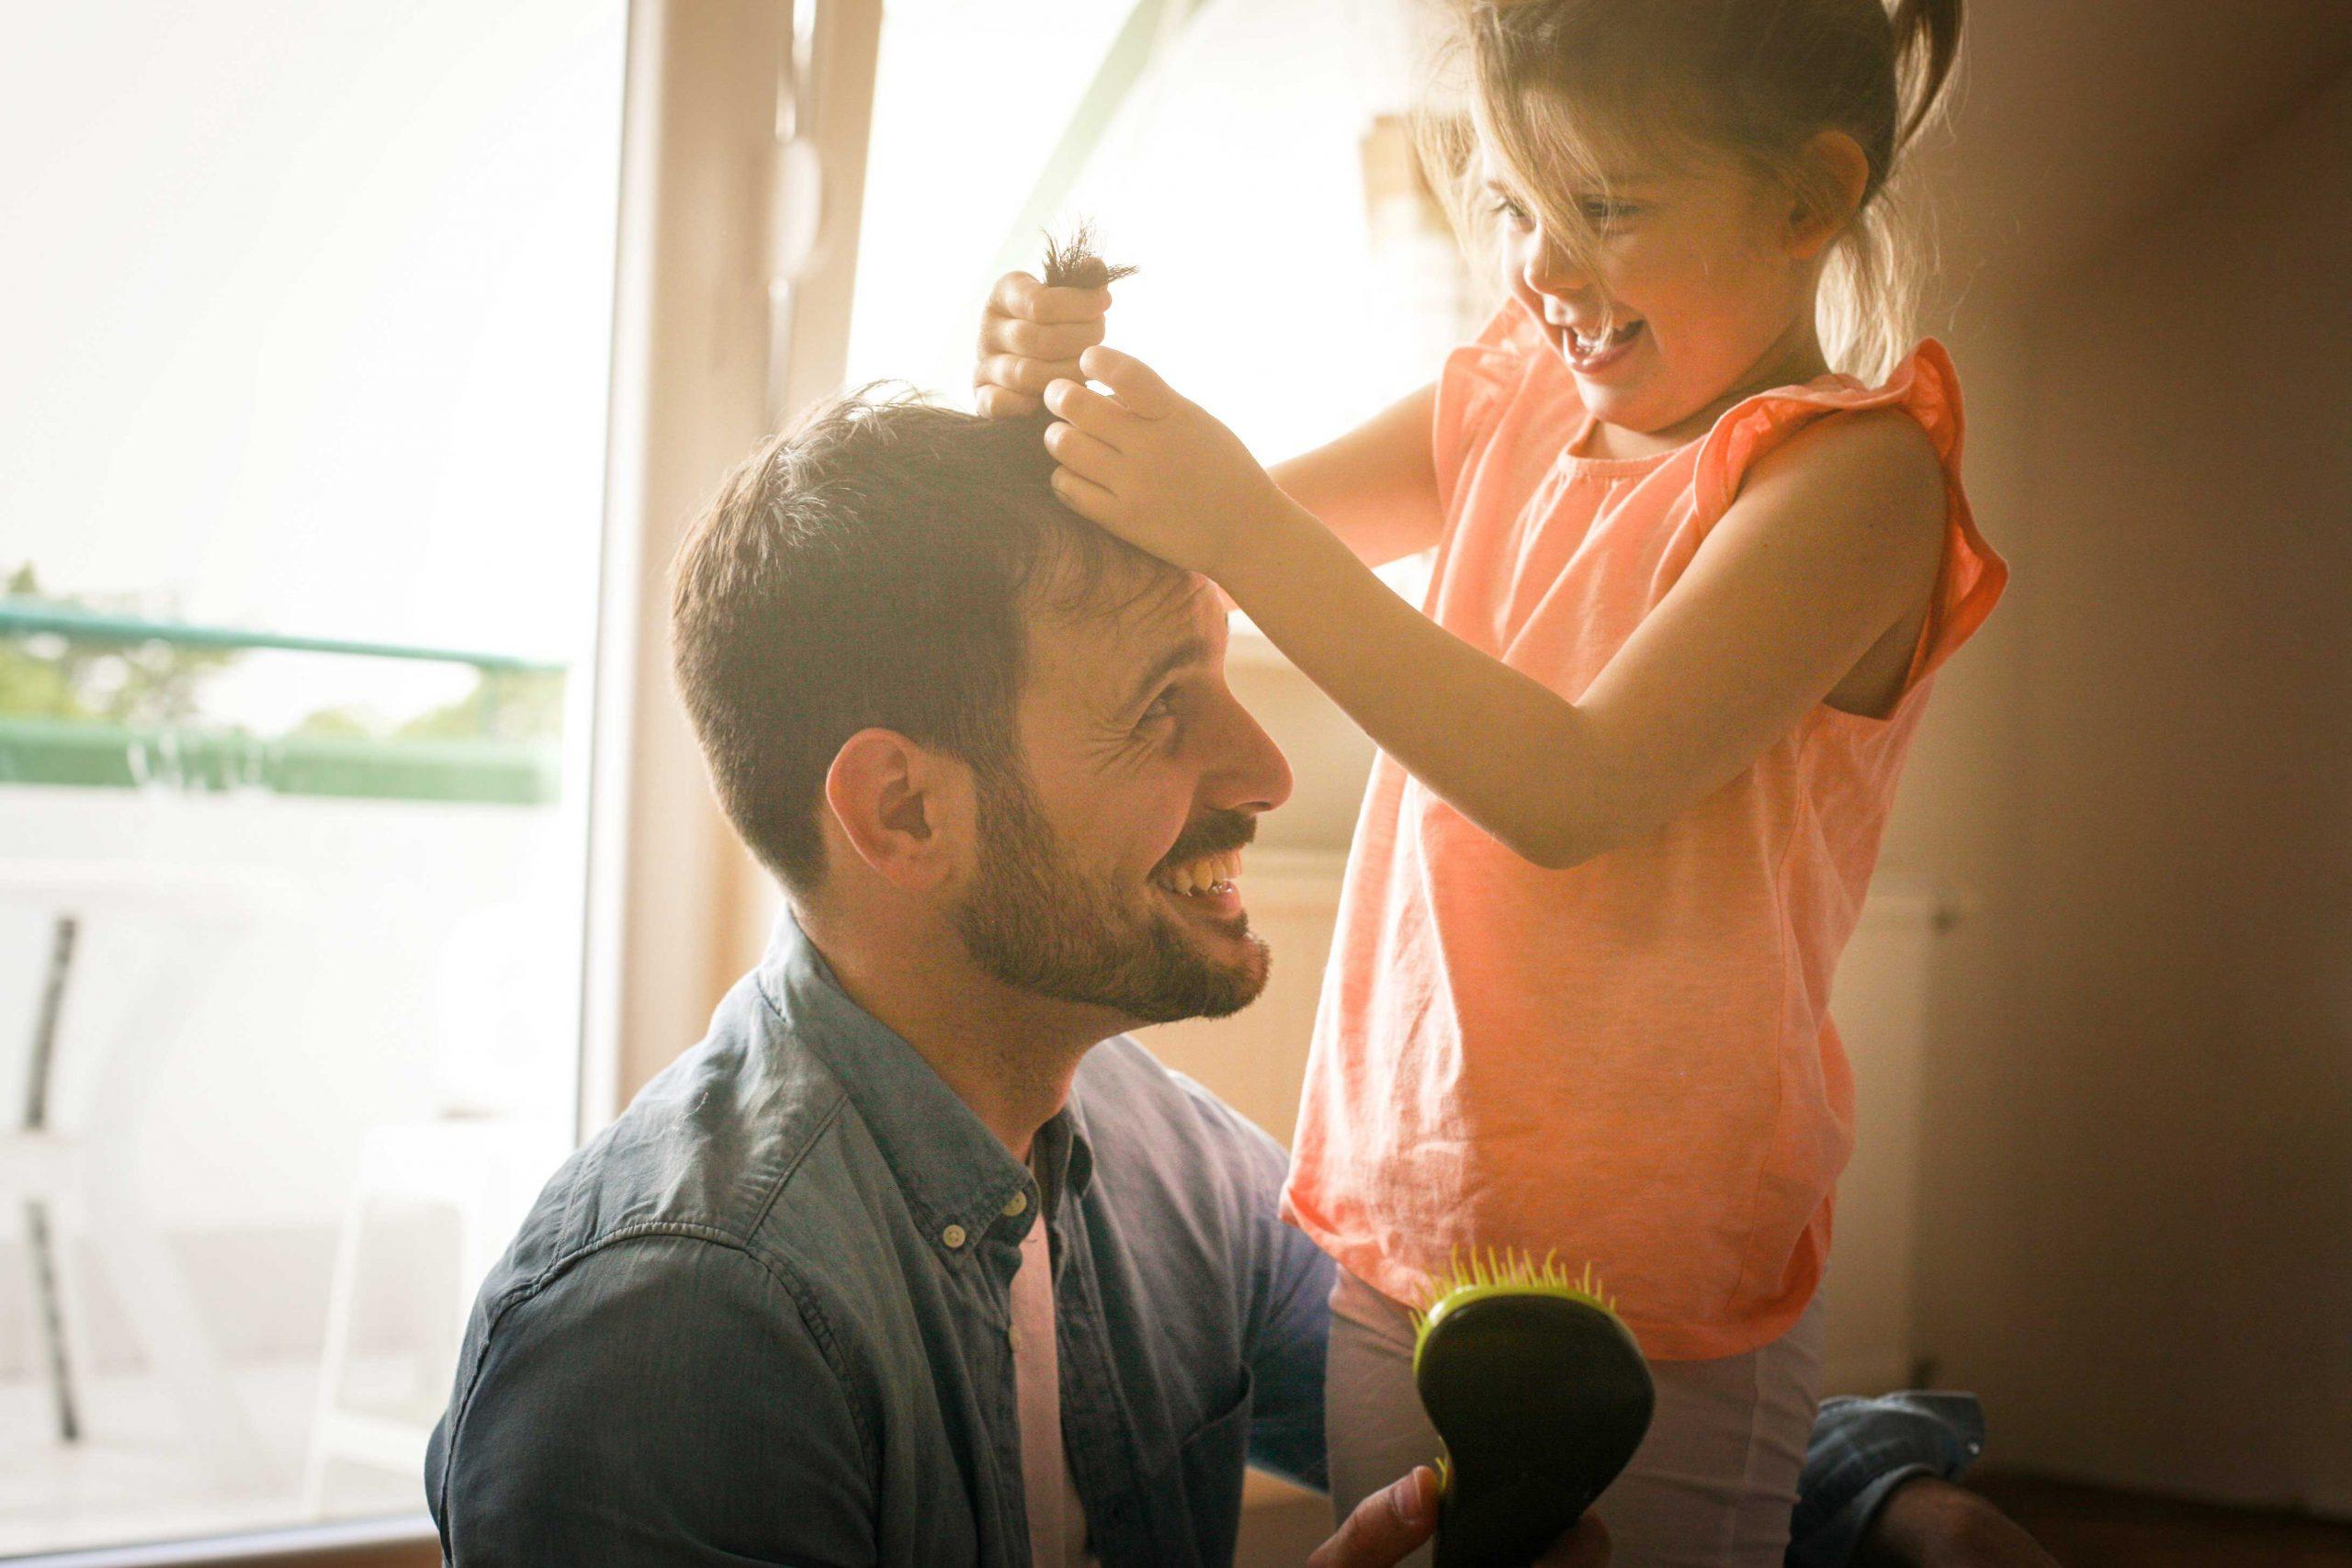 Jente setter strikk i håret til faren sin. De smiler og ler.